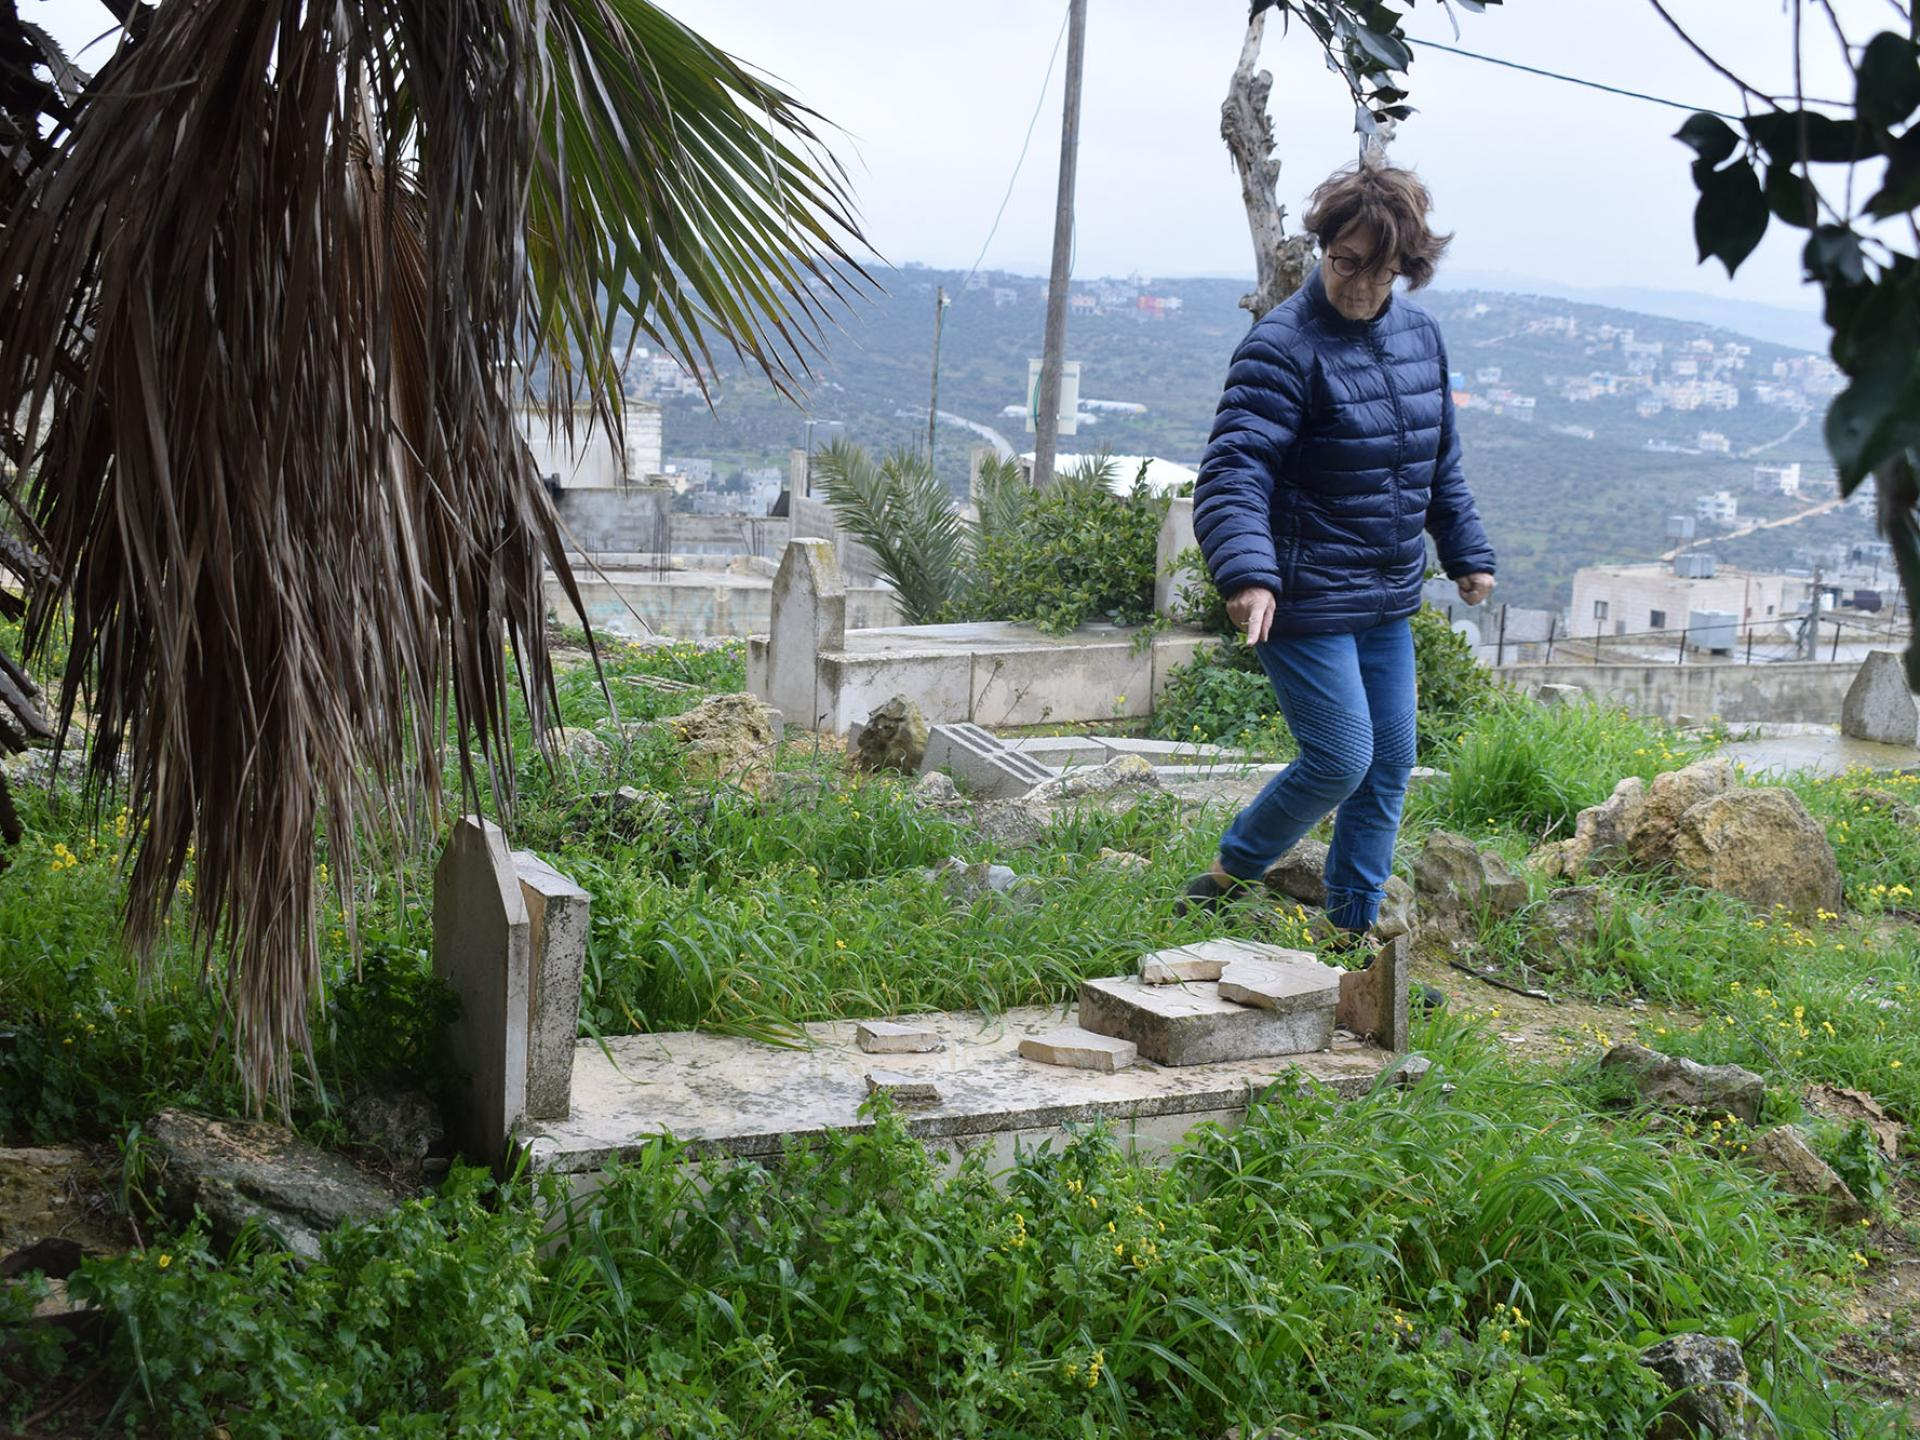 מצבות וקברים של פלסטינים - מנותצים